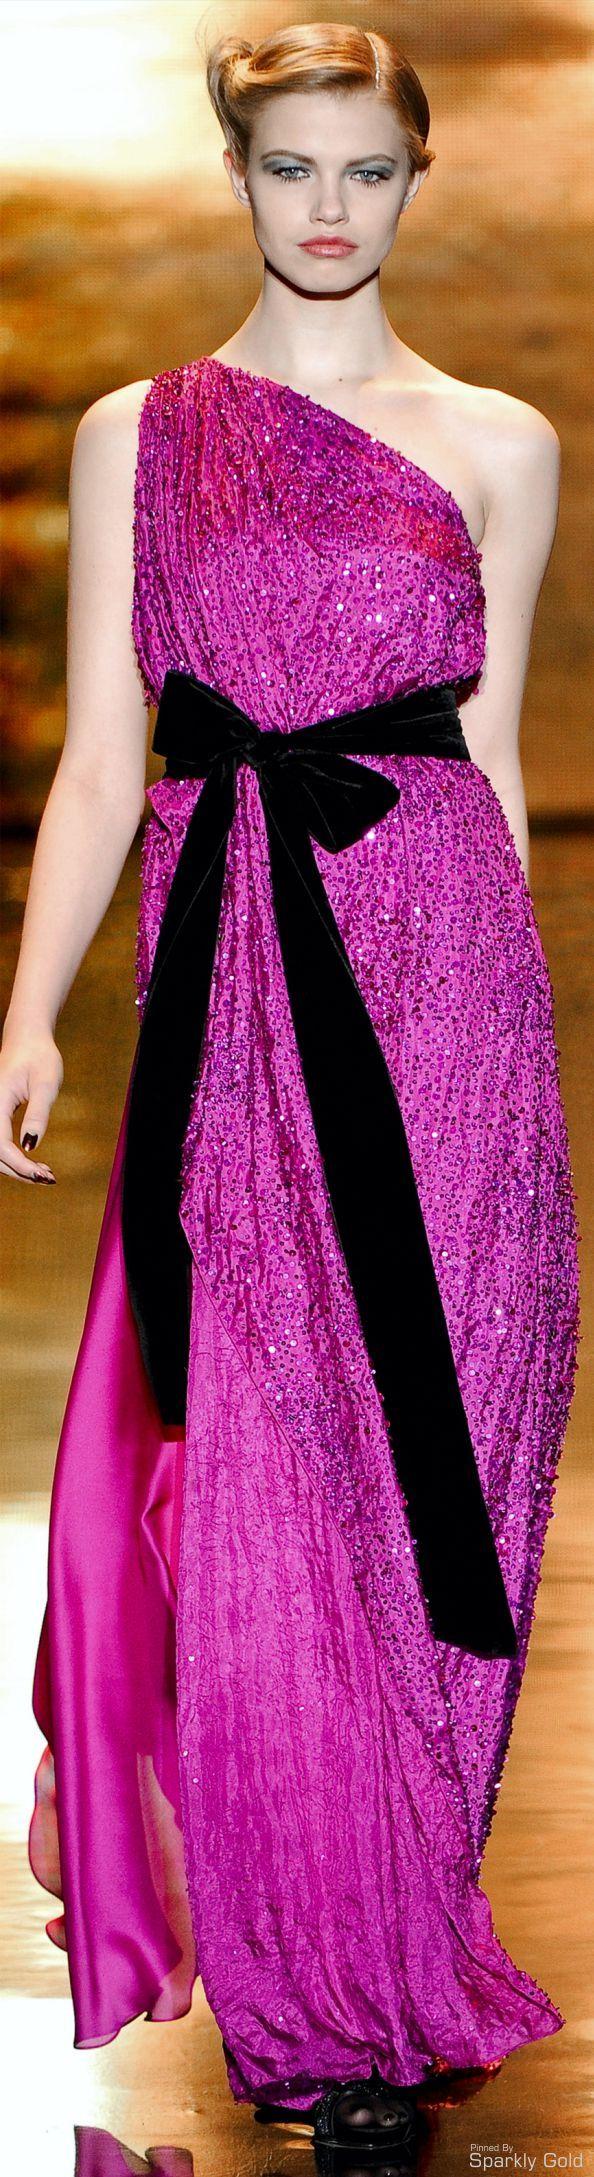 Hermosa Vestidos De Novia De Color Rosa Caliente Y Negro Foto ...